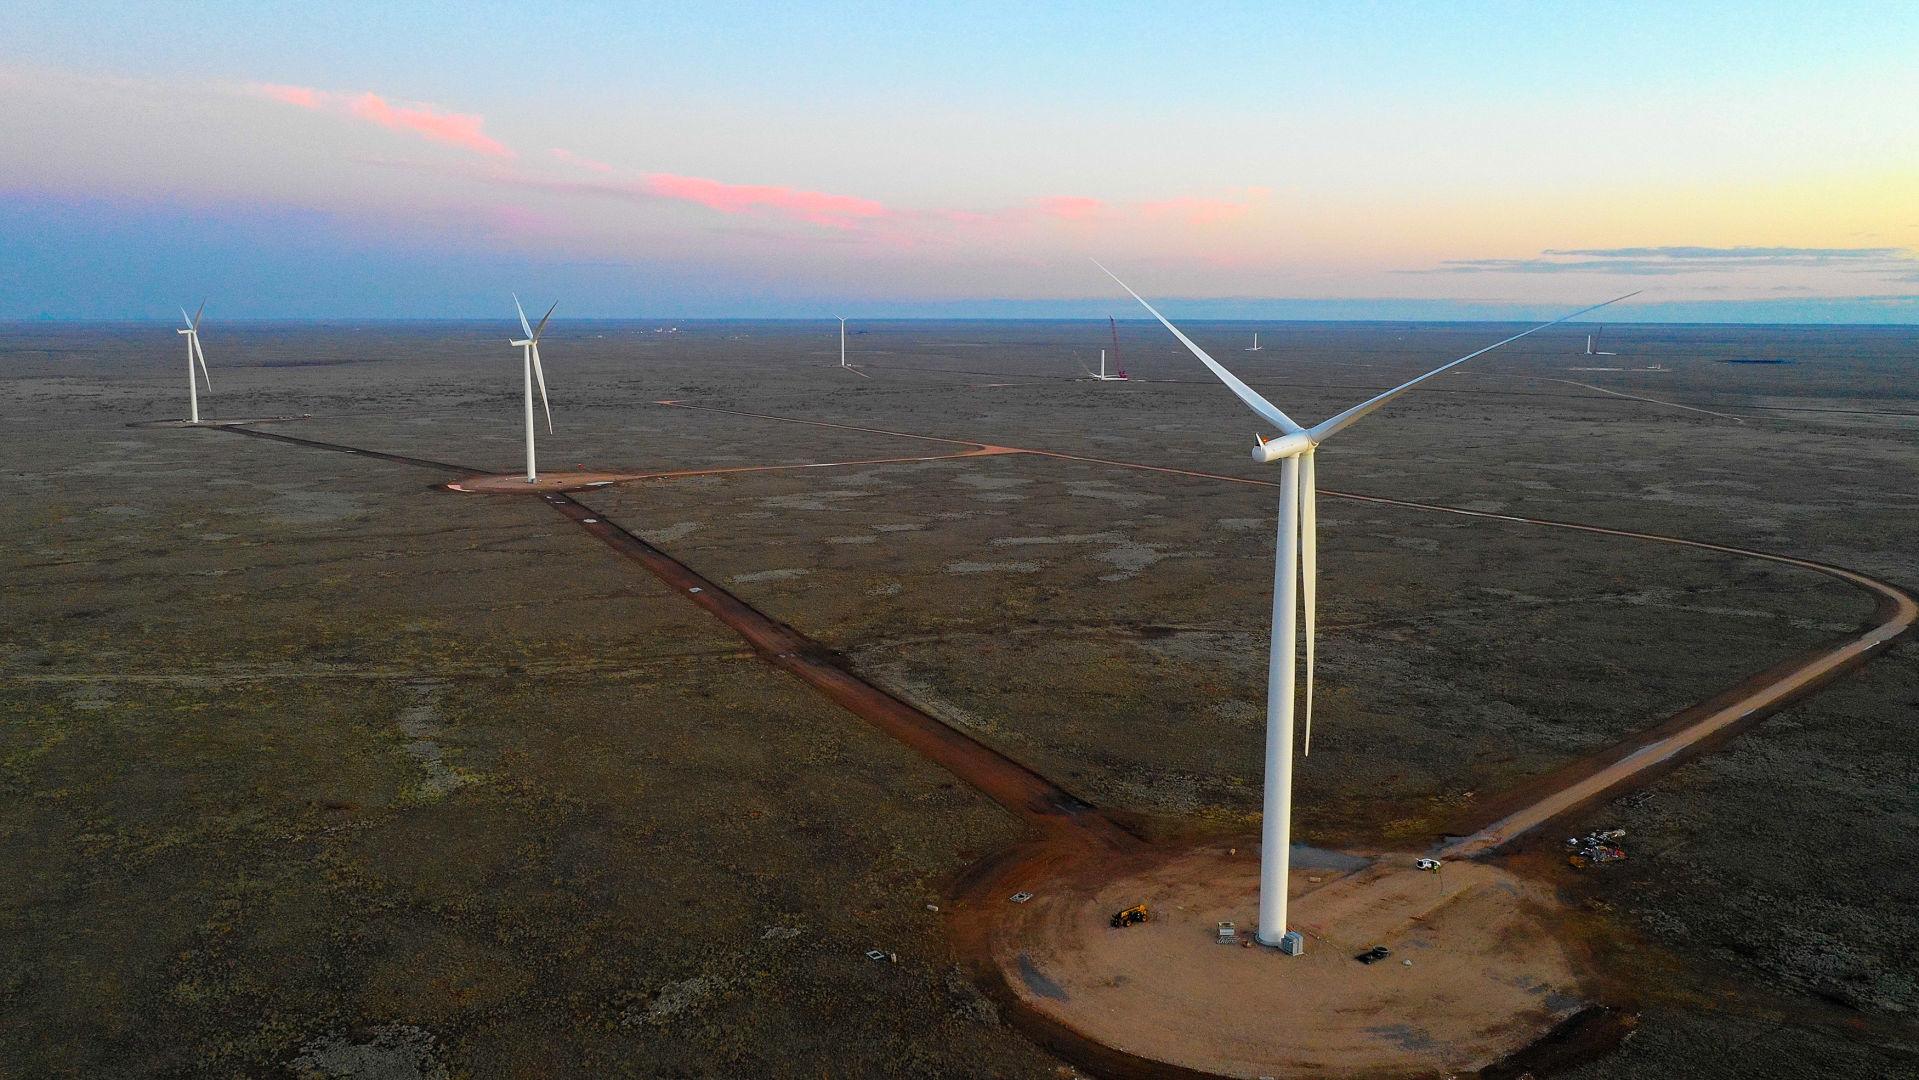 Oso Grande wind farm